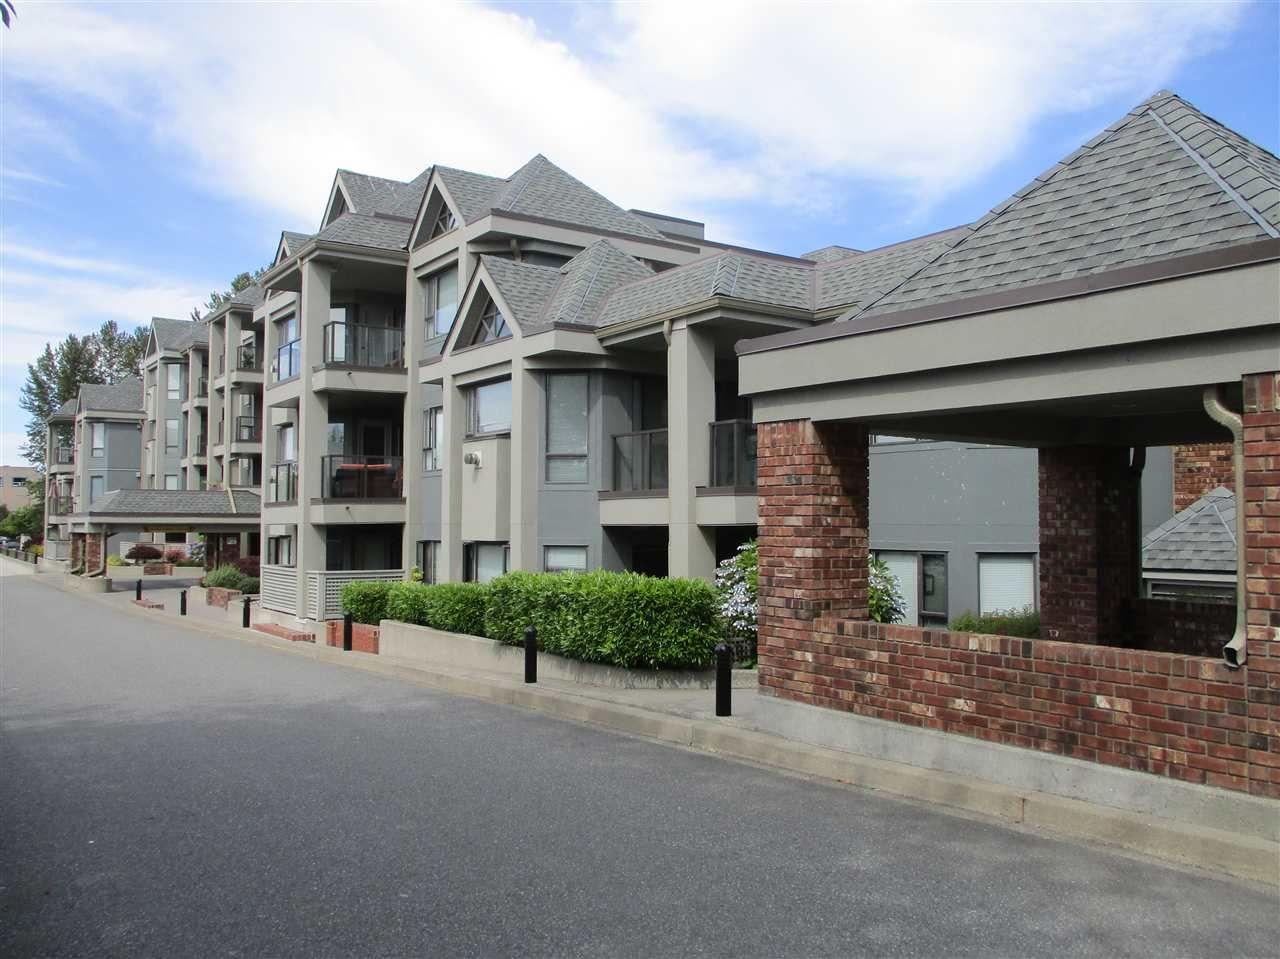 Photo 1: Photos: 106 15241 18 AVENUE in Surrey: King George Corridor Condo for sale (South Surrey White Rock)  : MLS®# R2190046